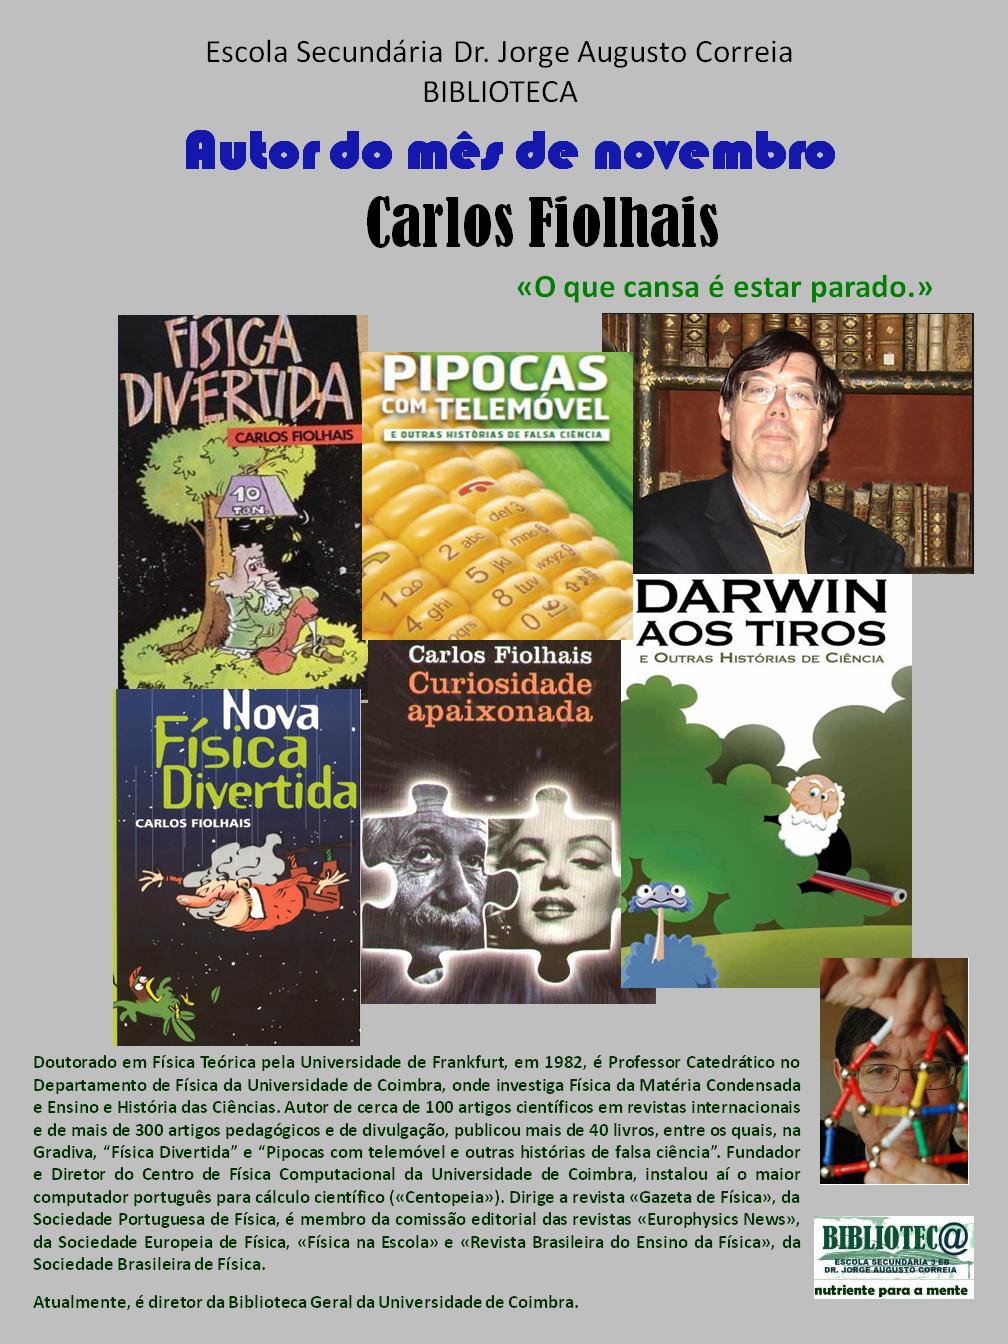 Autor em destaque: Carlos Fiolhais